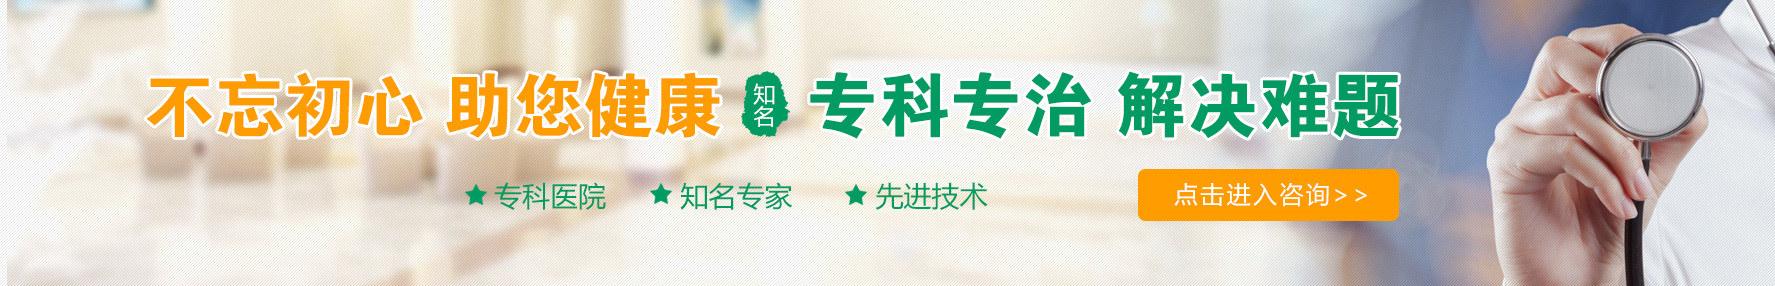 上海血管瘤医院费用贵么